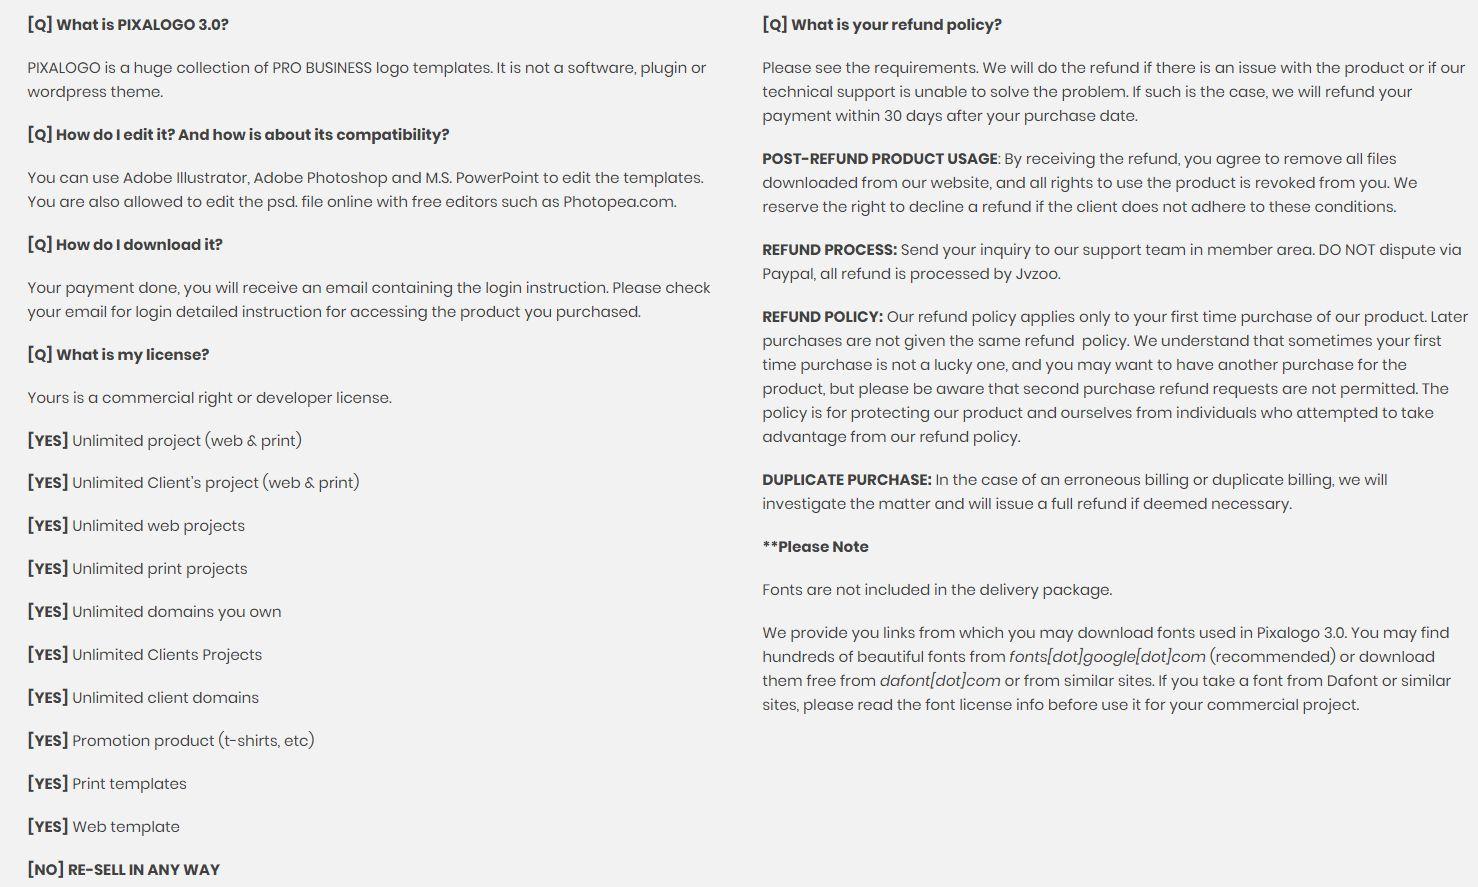 PixaLogo-3-0-questions